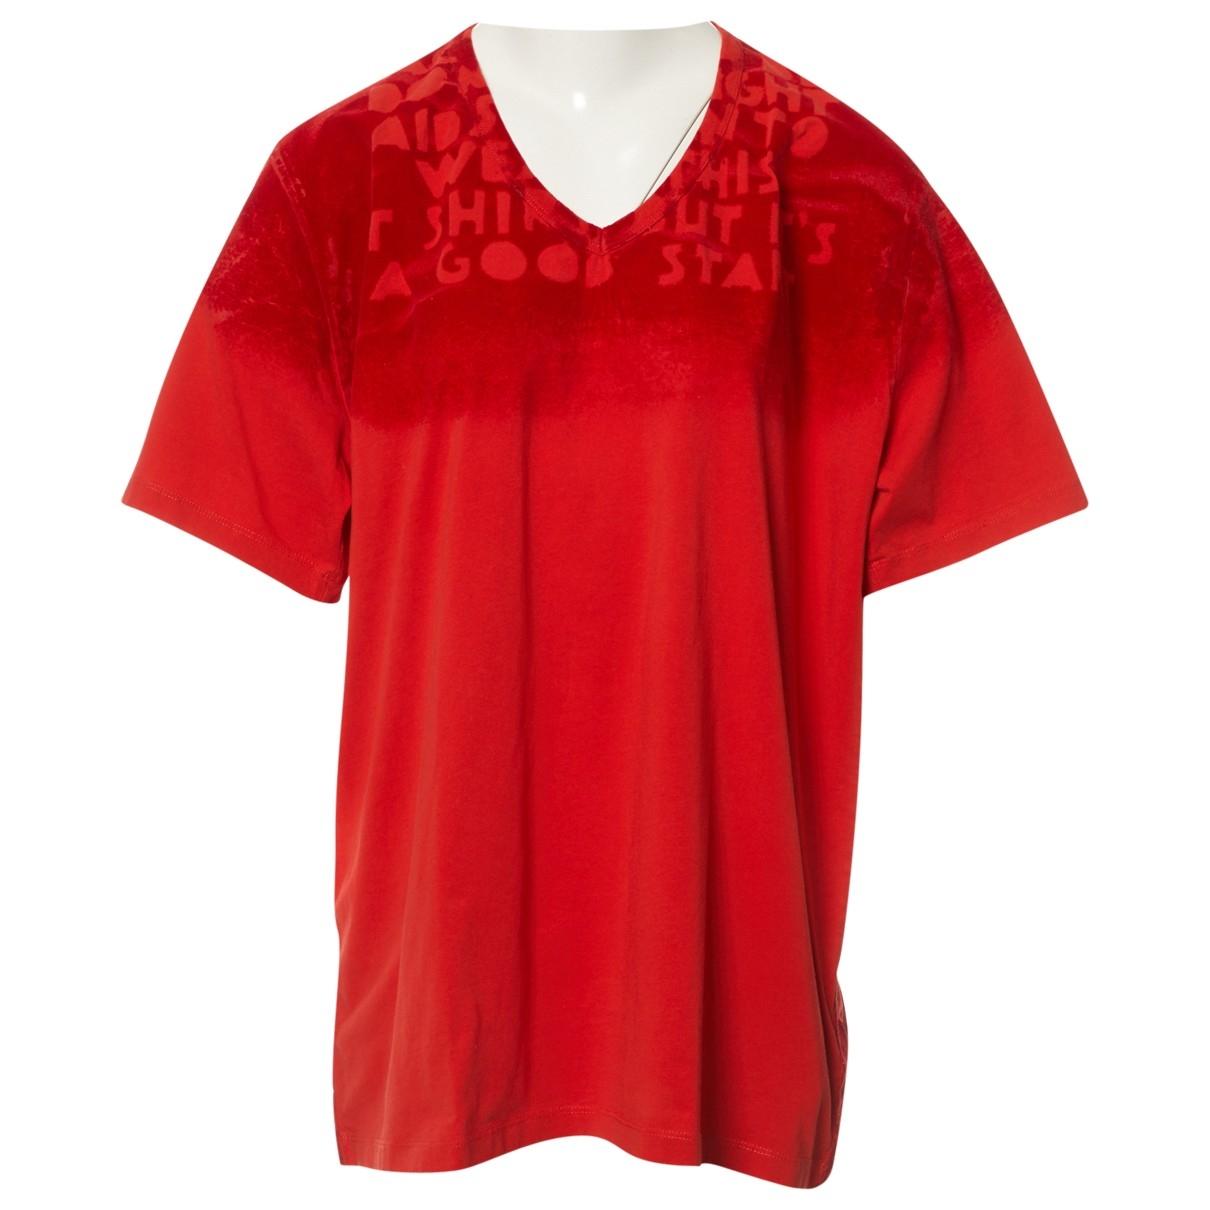 Maison Martin Margiela - Top   pour femme en coton - rouge